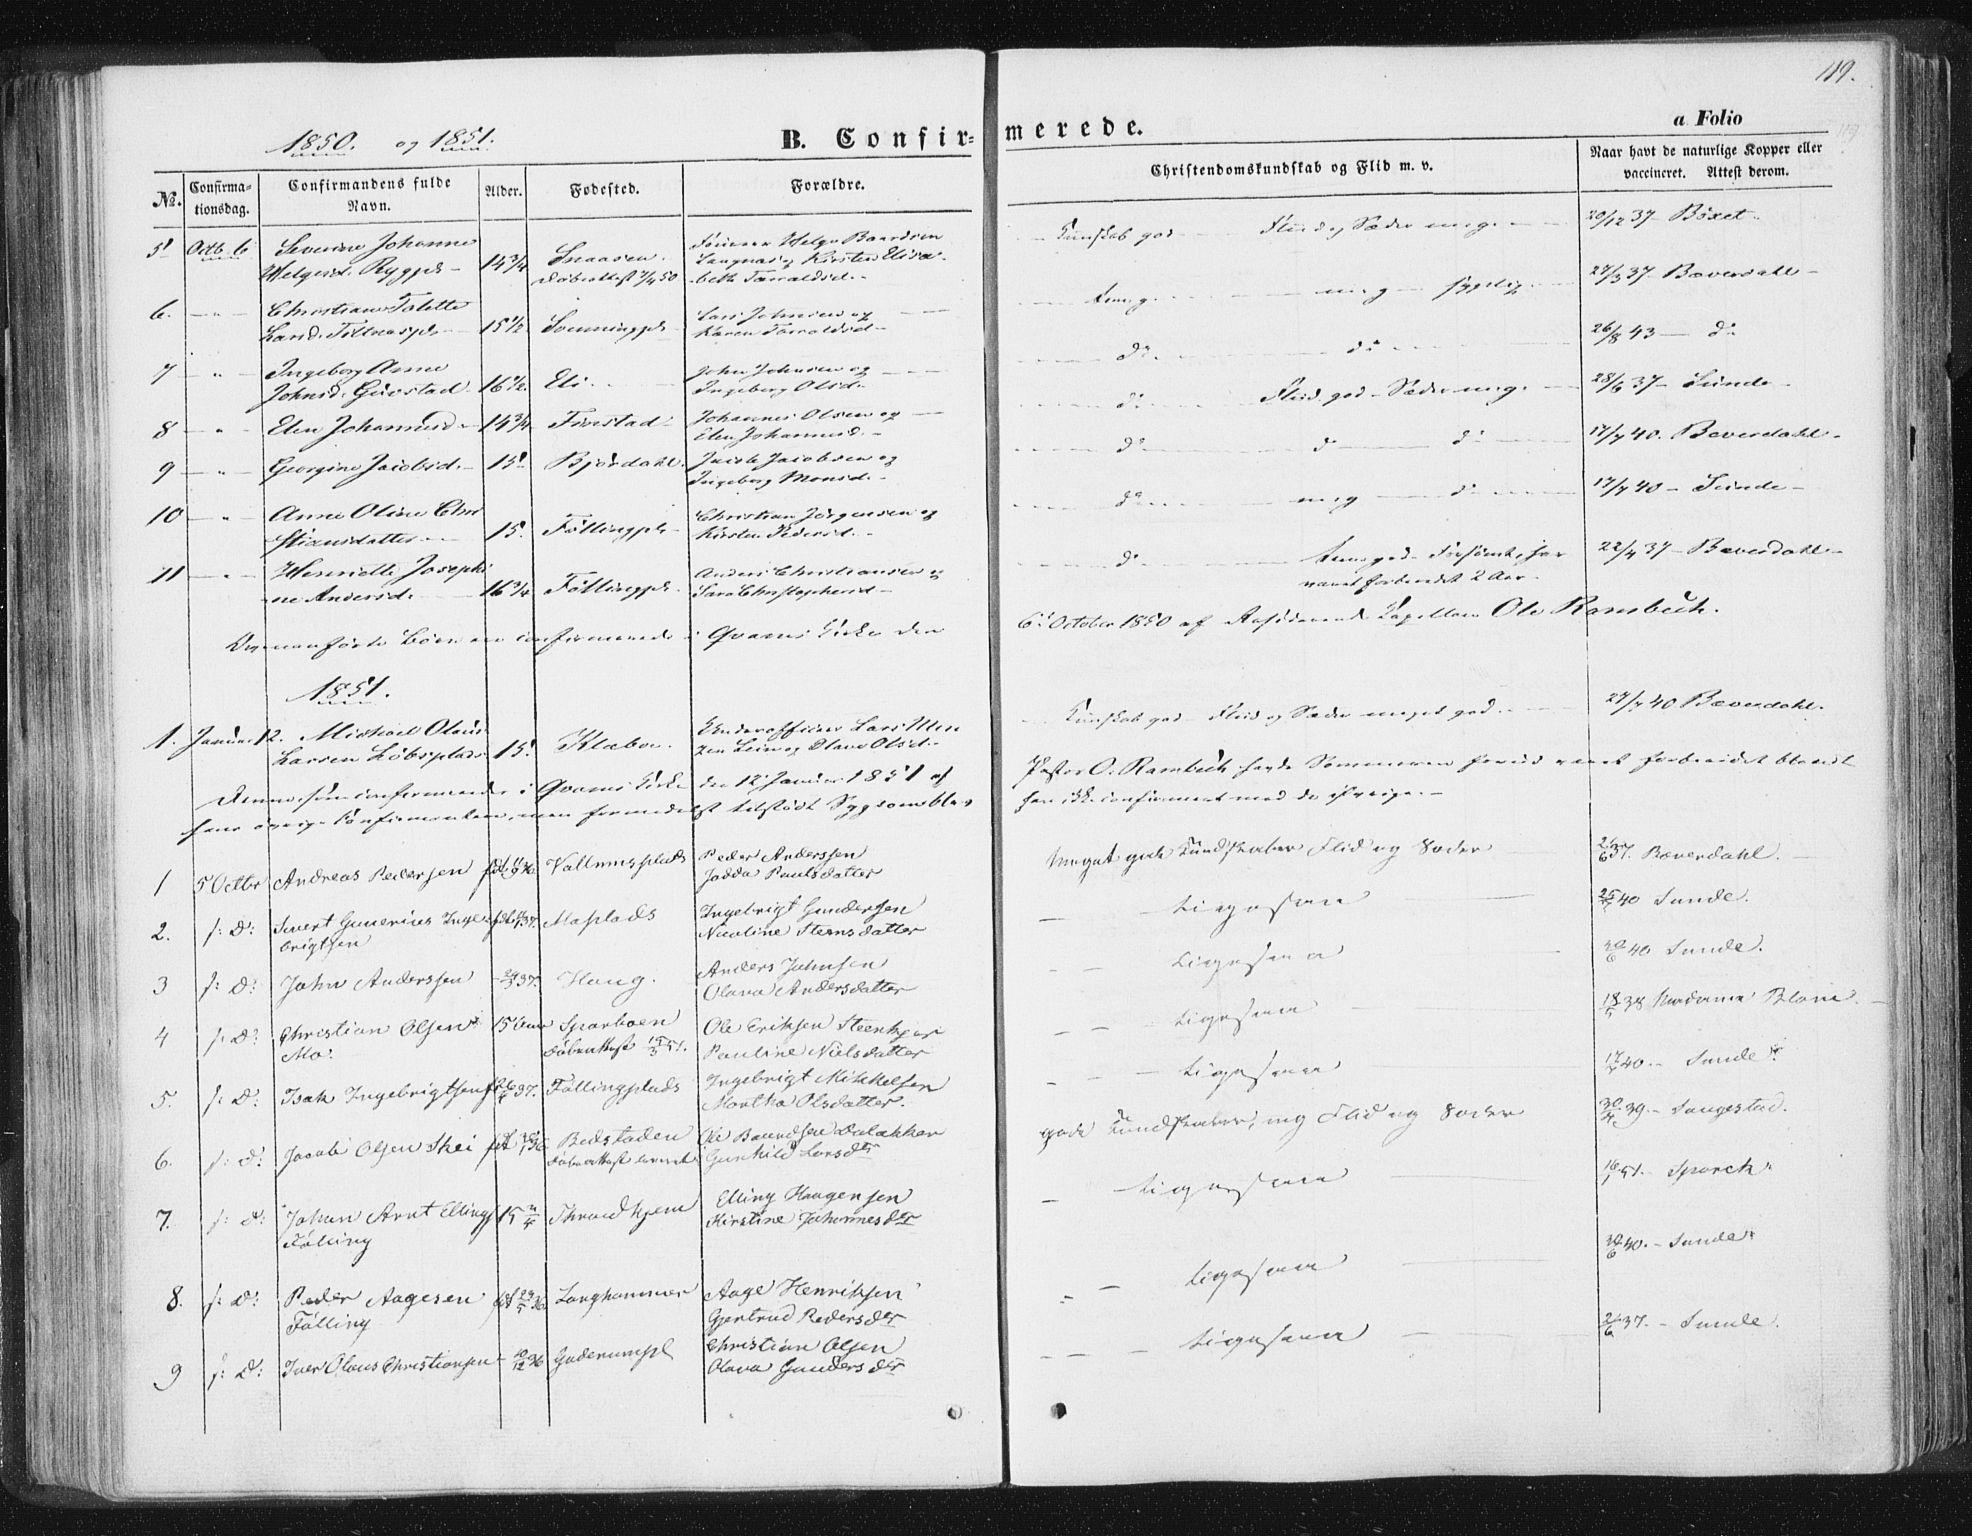 SAT, Ministerialprotokoller, klokkerbøker og fødselsregistre - Nord-Trøndelag, 746/L0446: Ministerialbok nr. 746A05, 1846-1859, s. 119